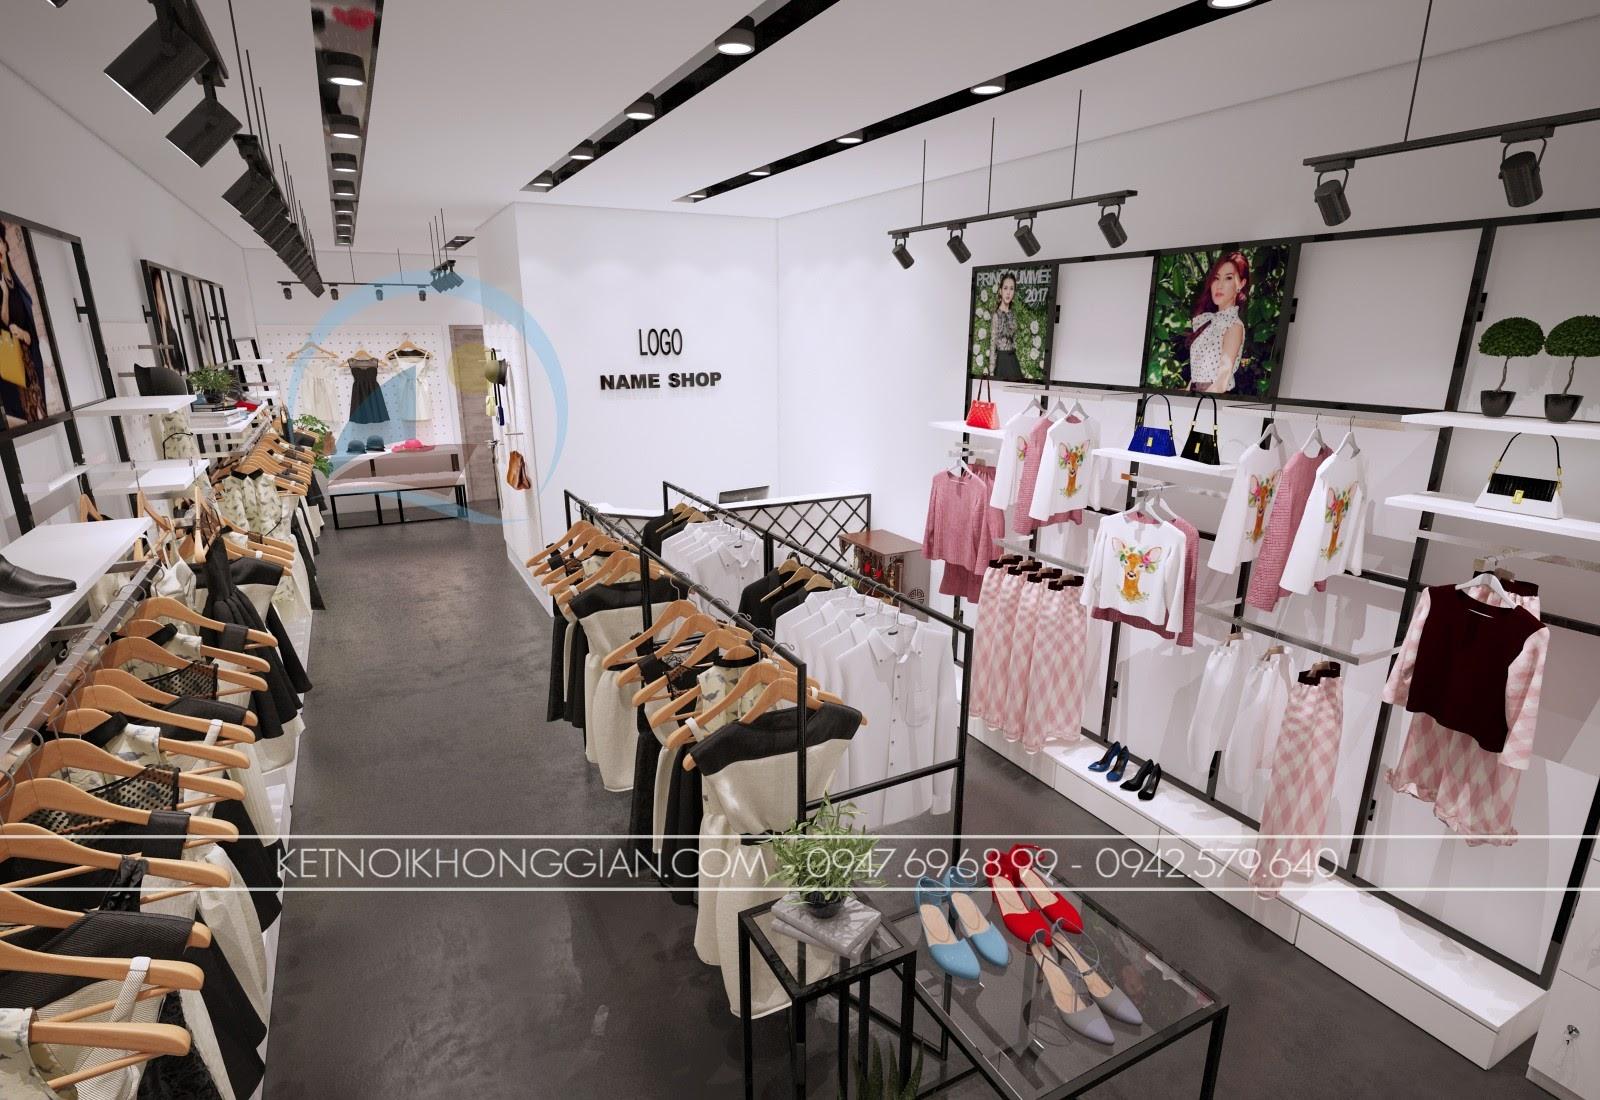 thiết kế shop thời trang giá rẻ nhất vịnh bắc bộ